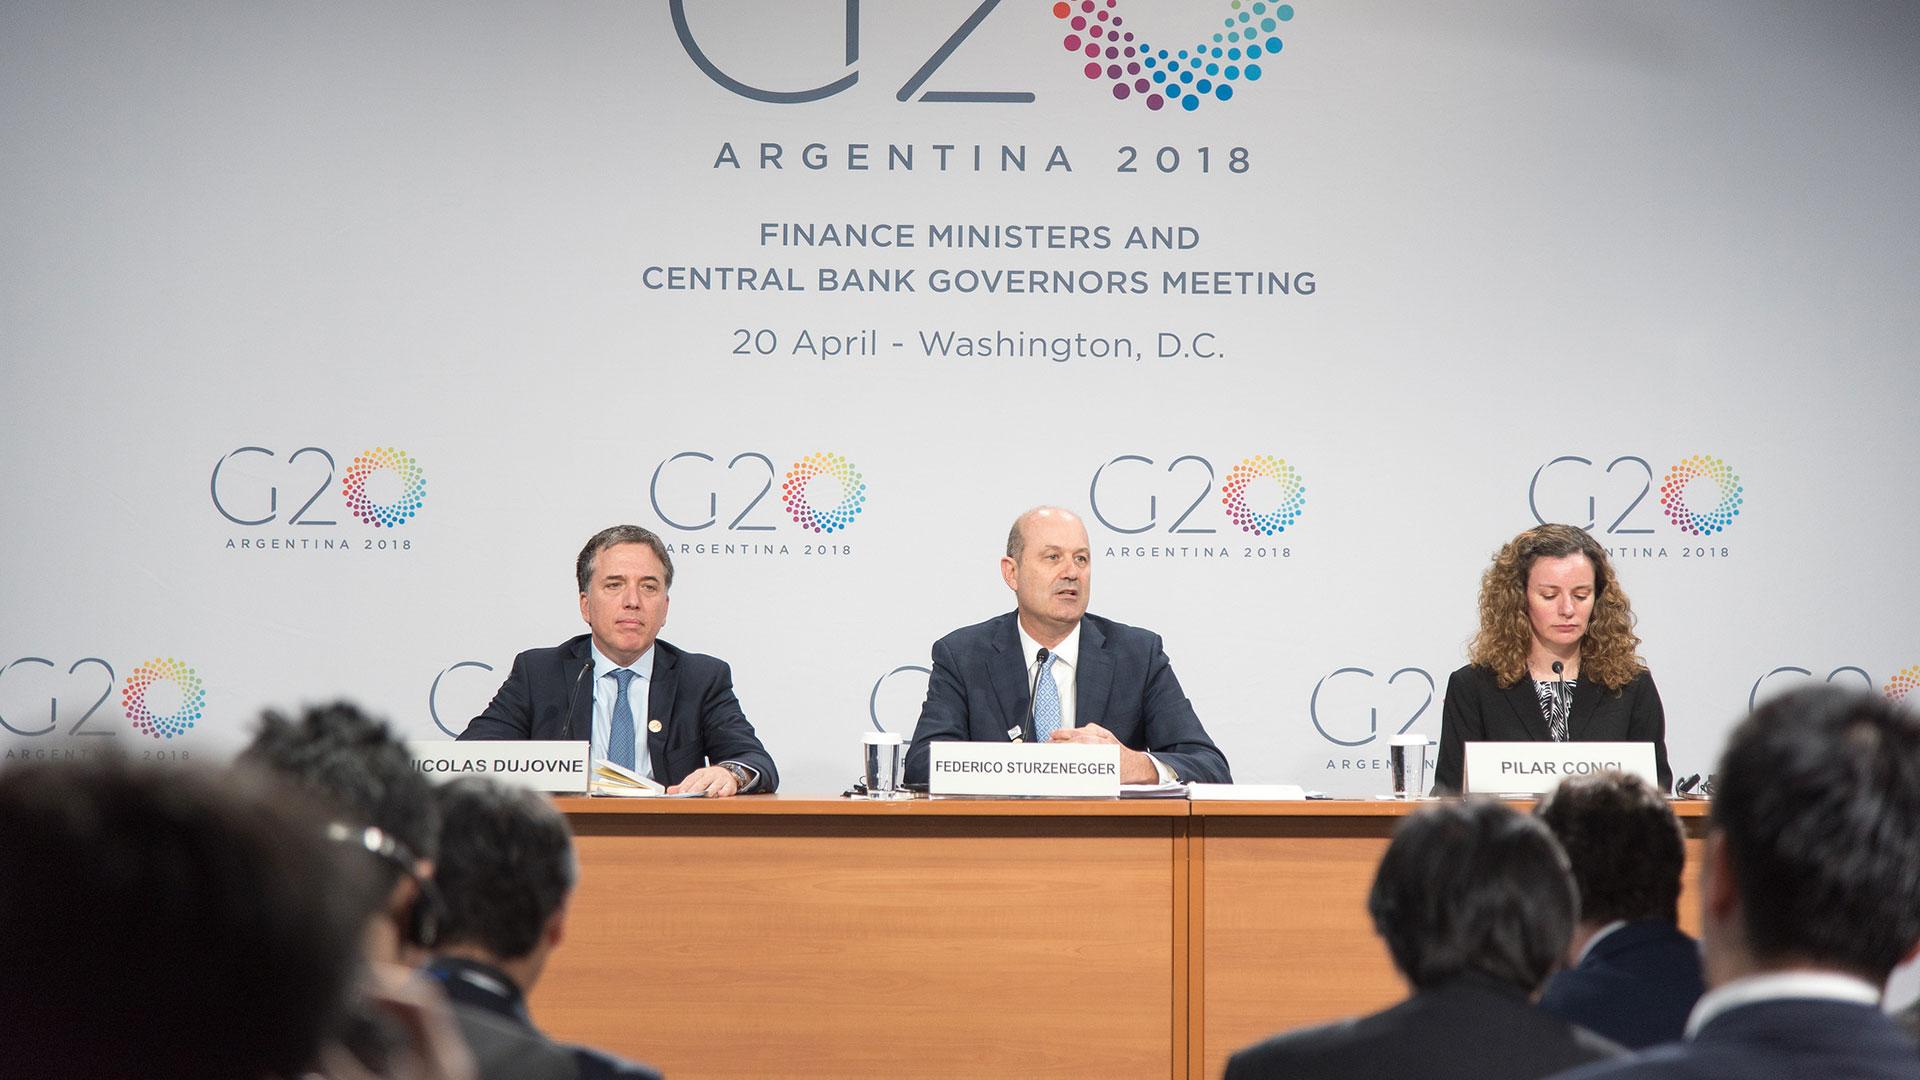 Nicolas Dujovne y Federico Sturzenegger en la conferencia en Washington